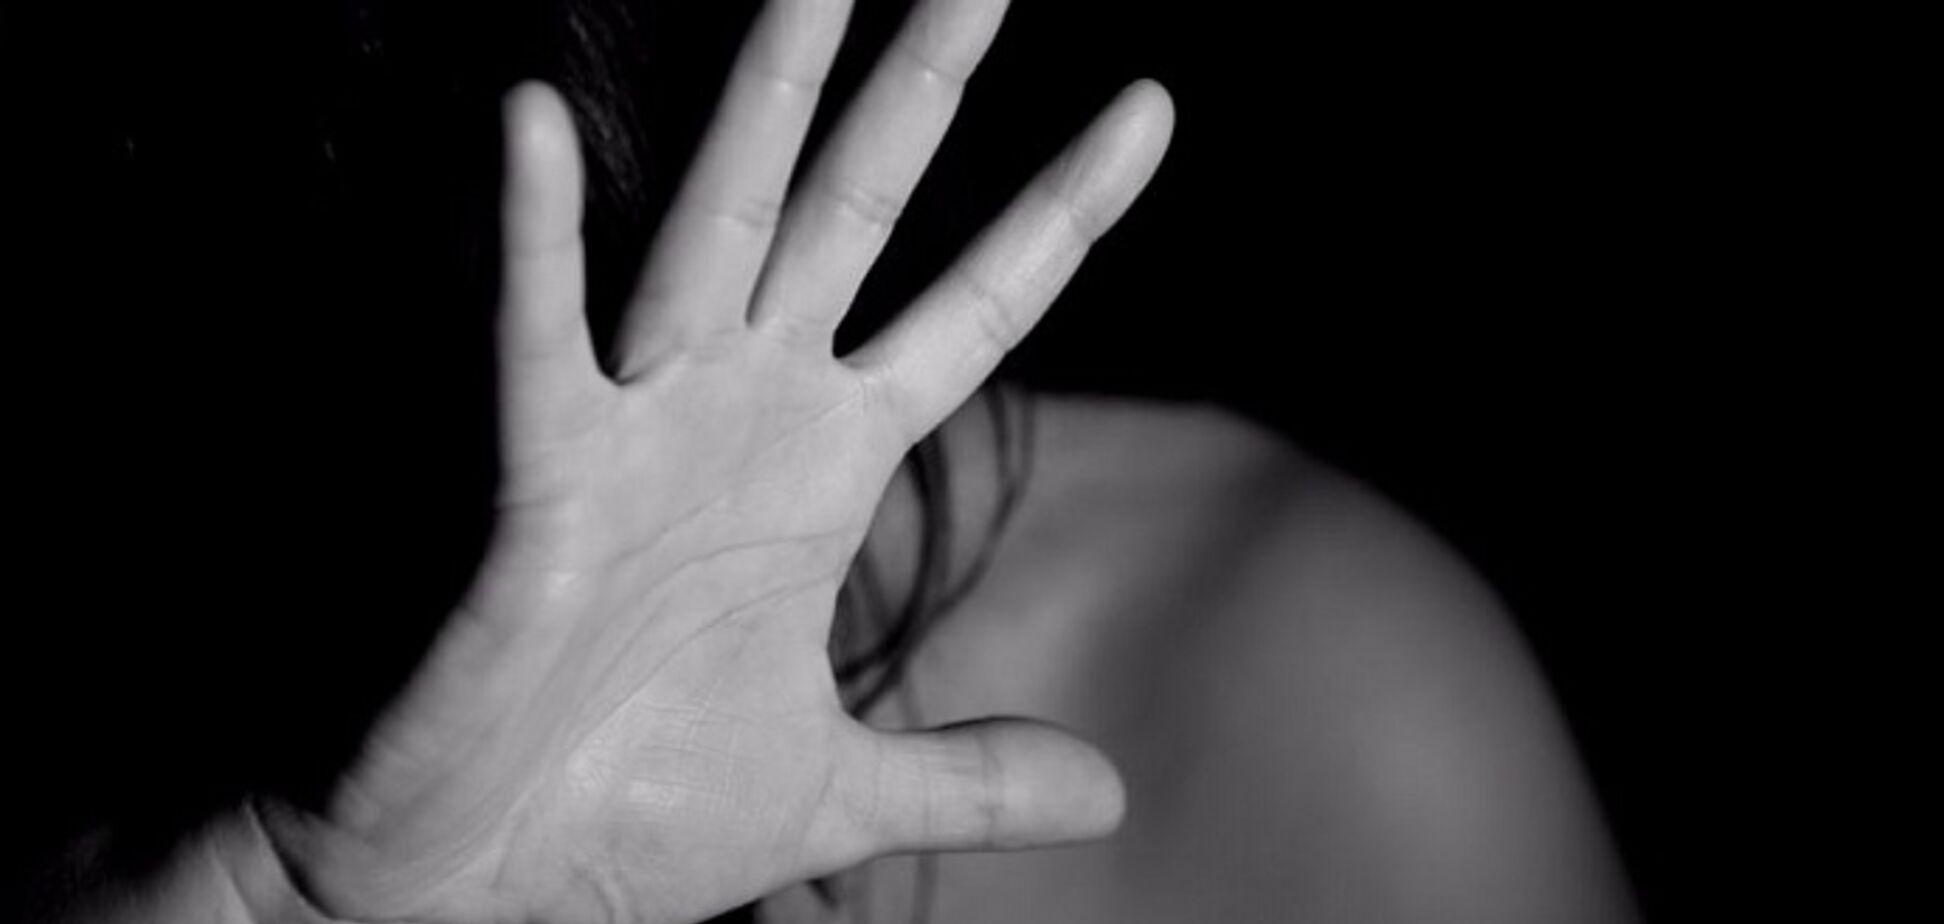 На Закарпатті п'ятеро згвалтували 15-річну дівчинку: всі подробиці